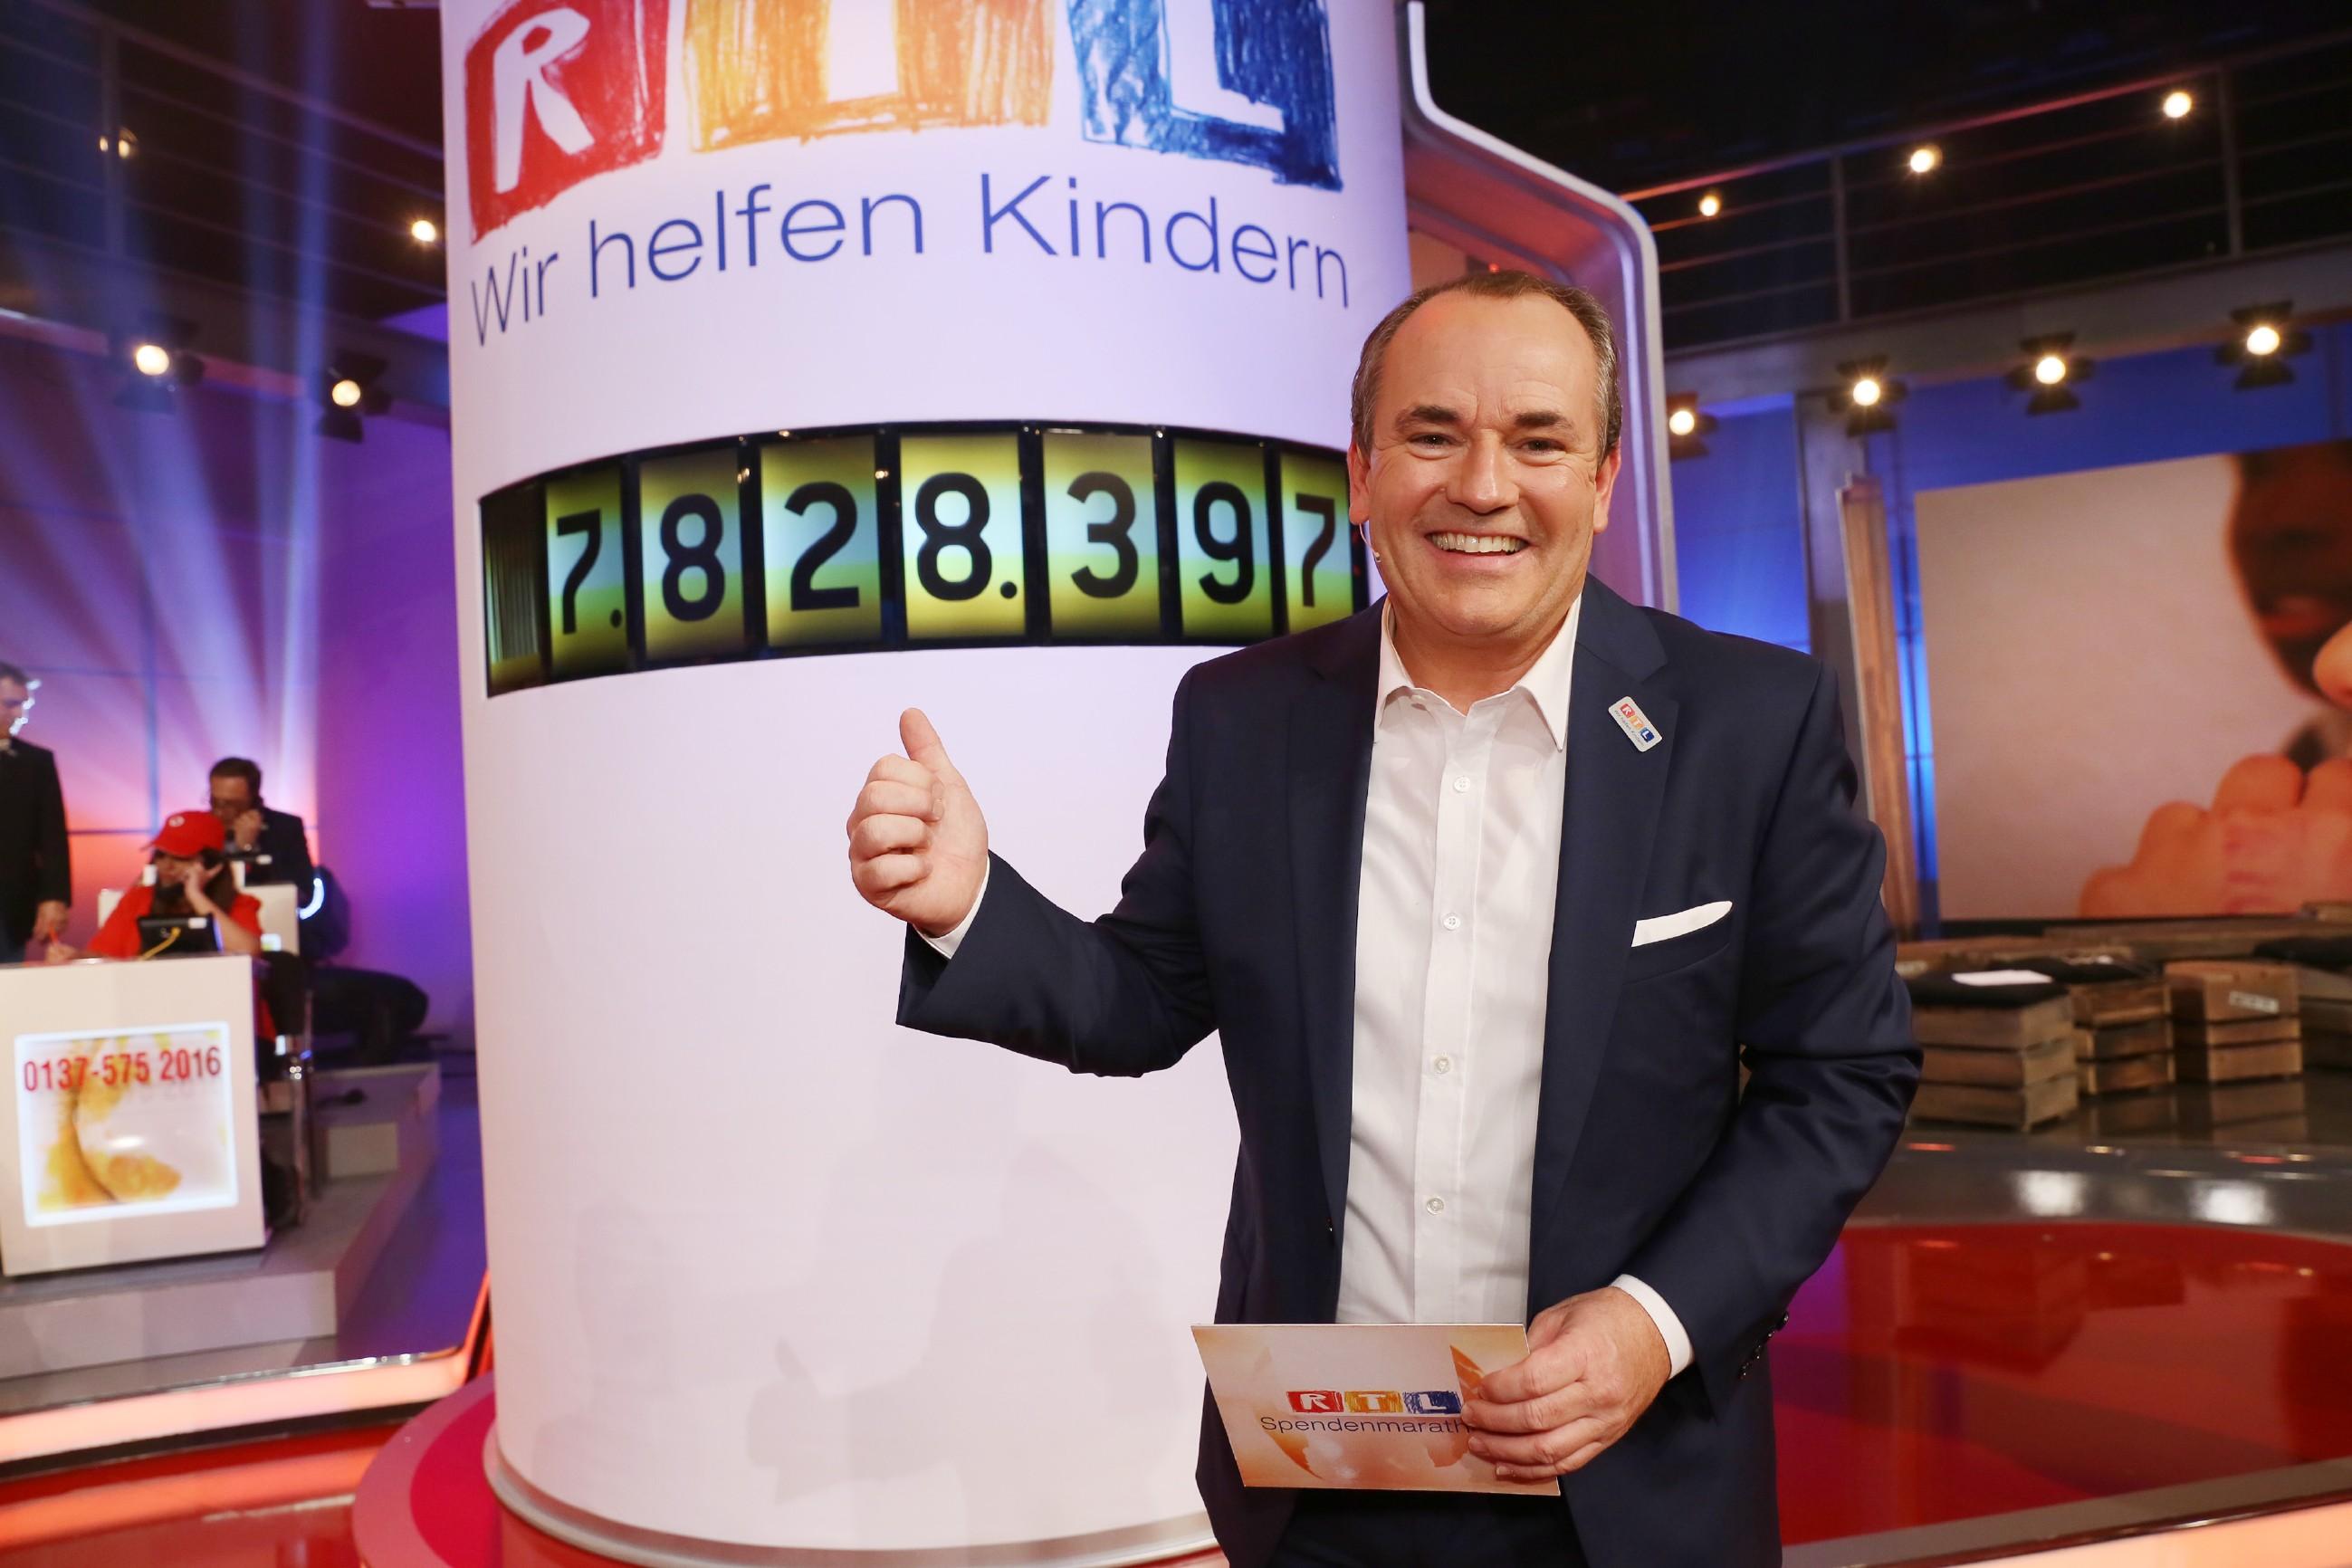 7.828.397 Euro sind beim 21. RTL-Spendenmarathon mit Wolfram Kons gespendet worden. Damit beläuft sich die Gesamtspendensumme, die seit 1996 durch die längste Spendensendung im deutschen Fernsehen gesammelt wurde, auf mehr als 151 Millionen Euro.